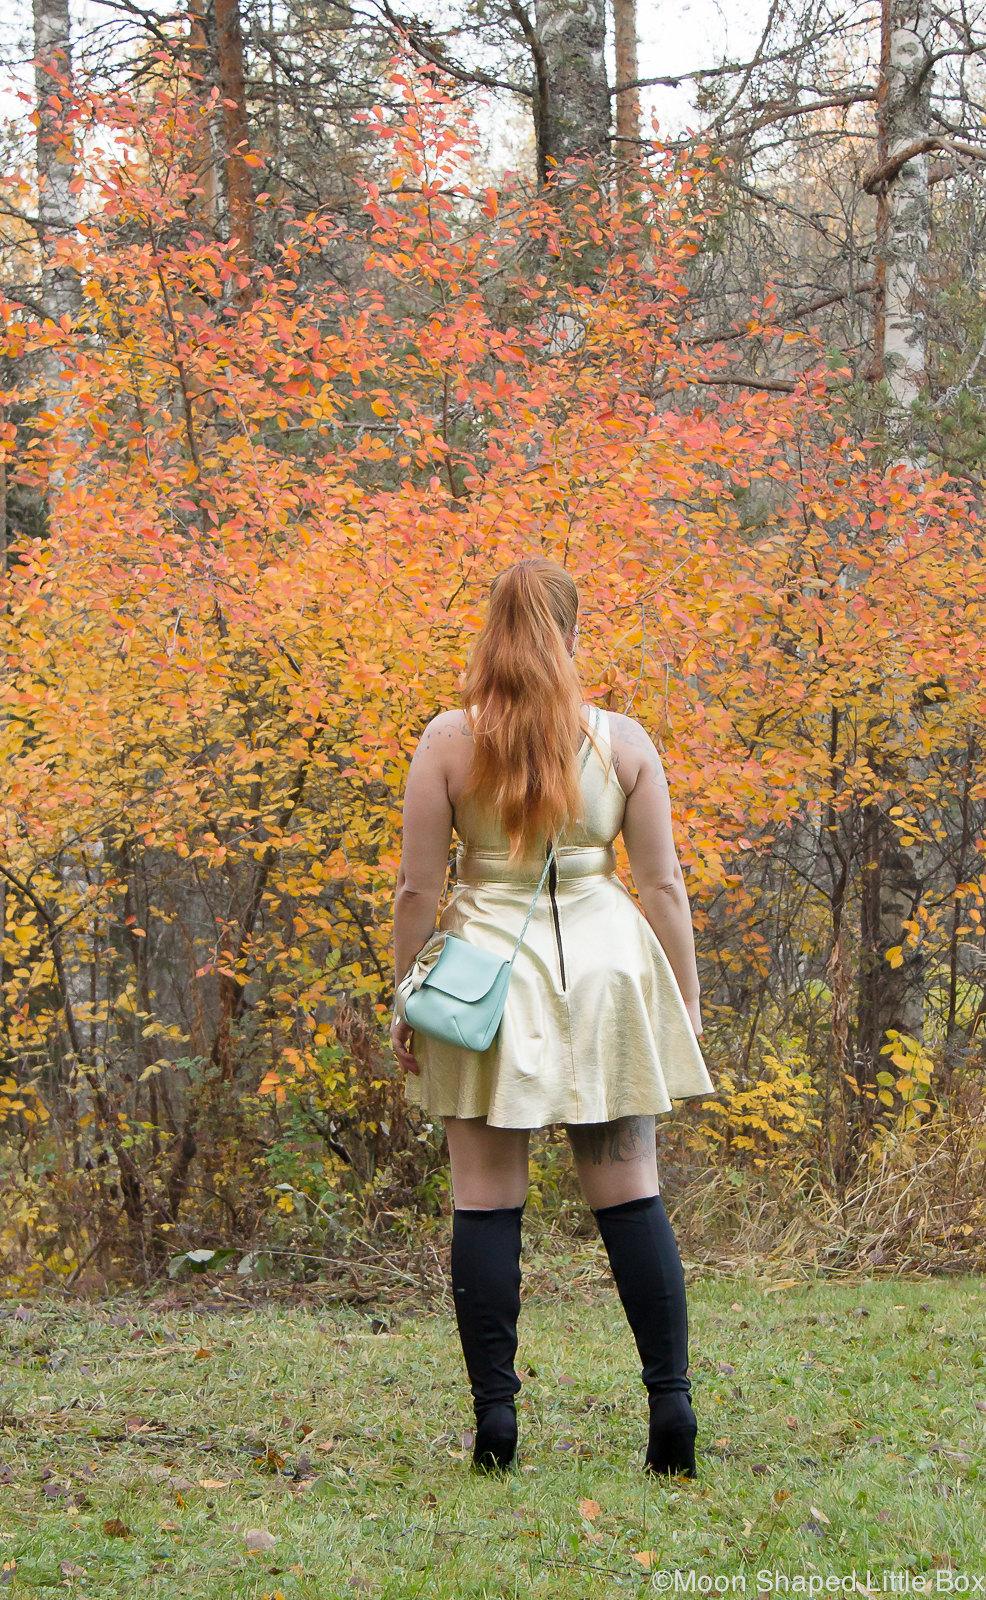 Golden leather dress, kultainen nahkamekko, syksyn muoti, nahkamekko, päivän asu